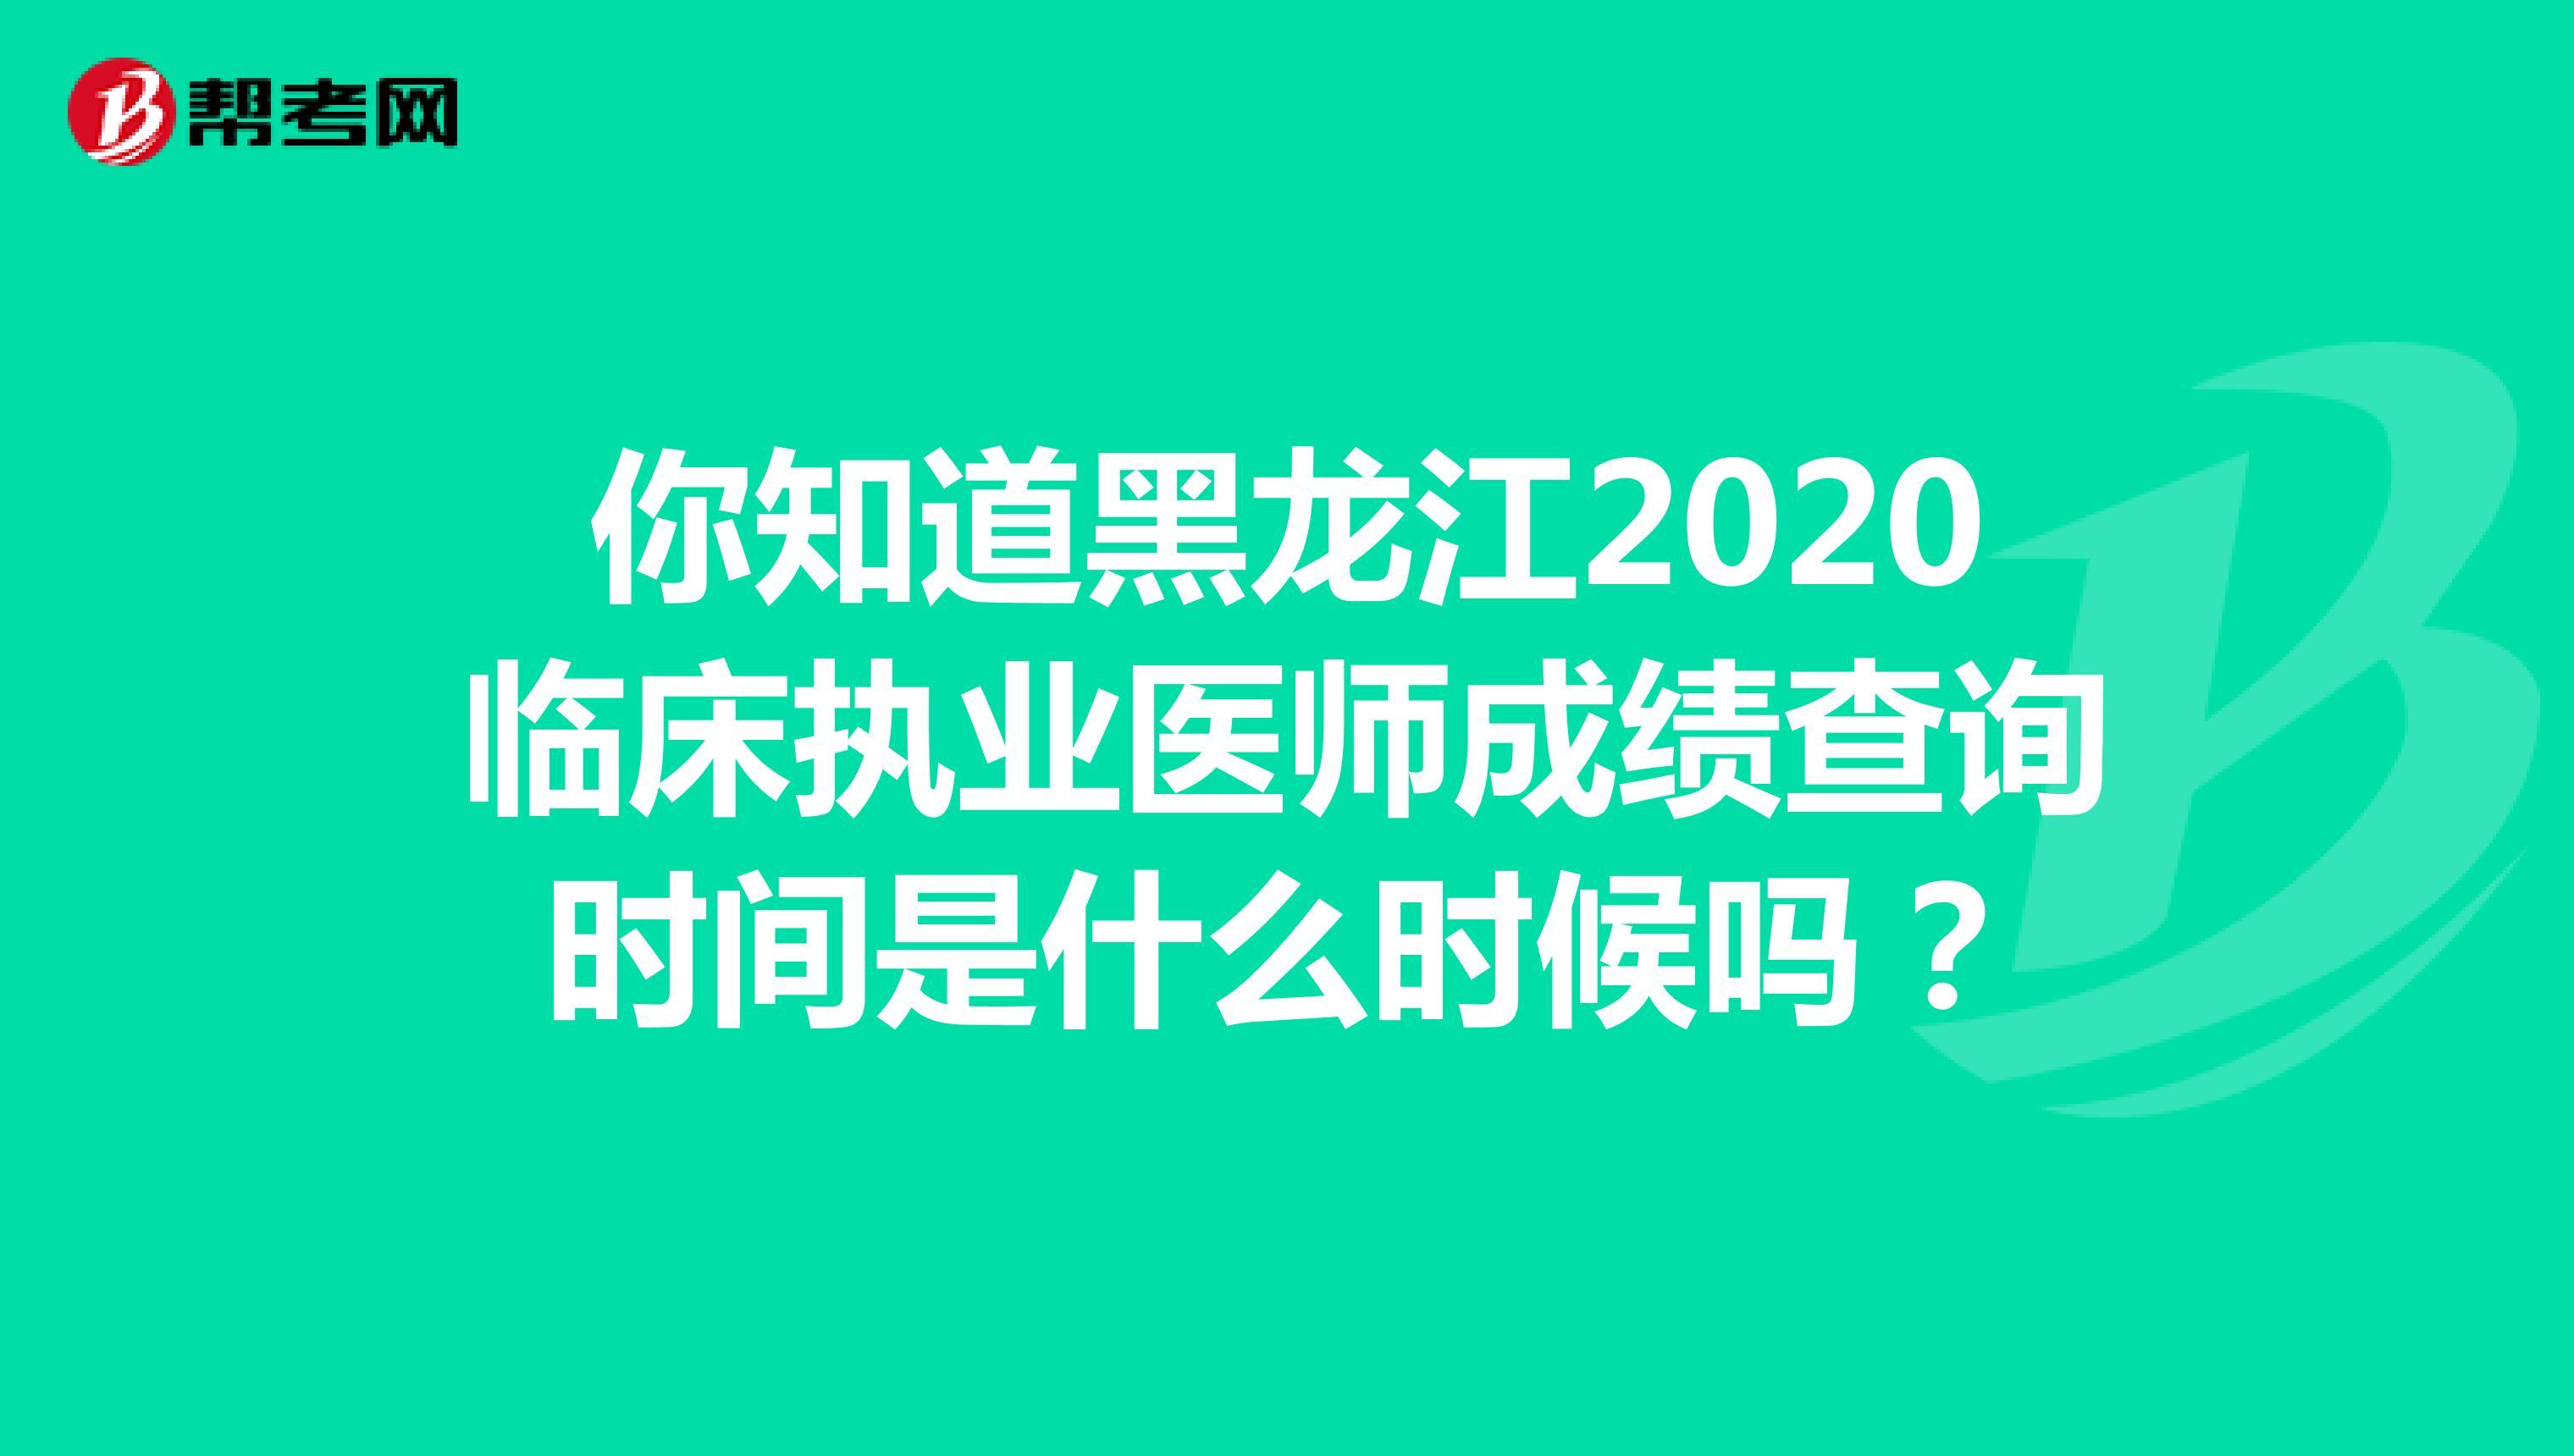 你知道黑龙江2020临床执业医师成绩查询时间是什么时候吗?